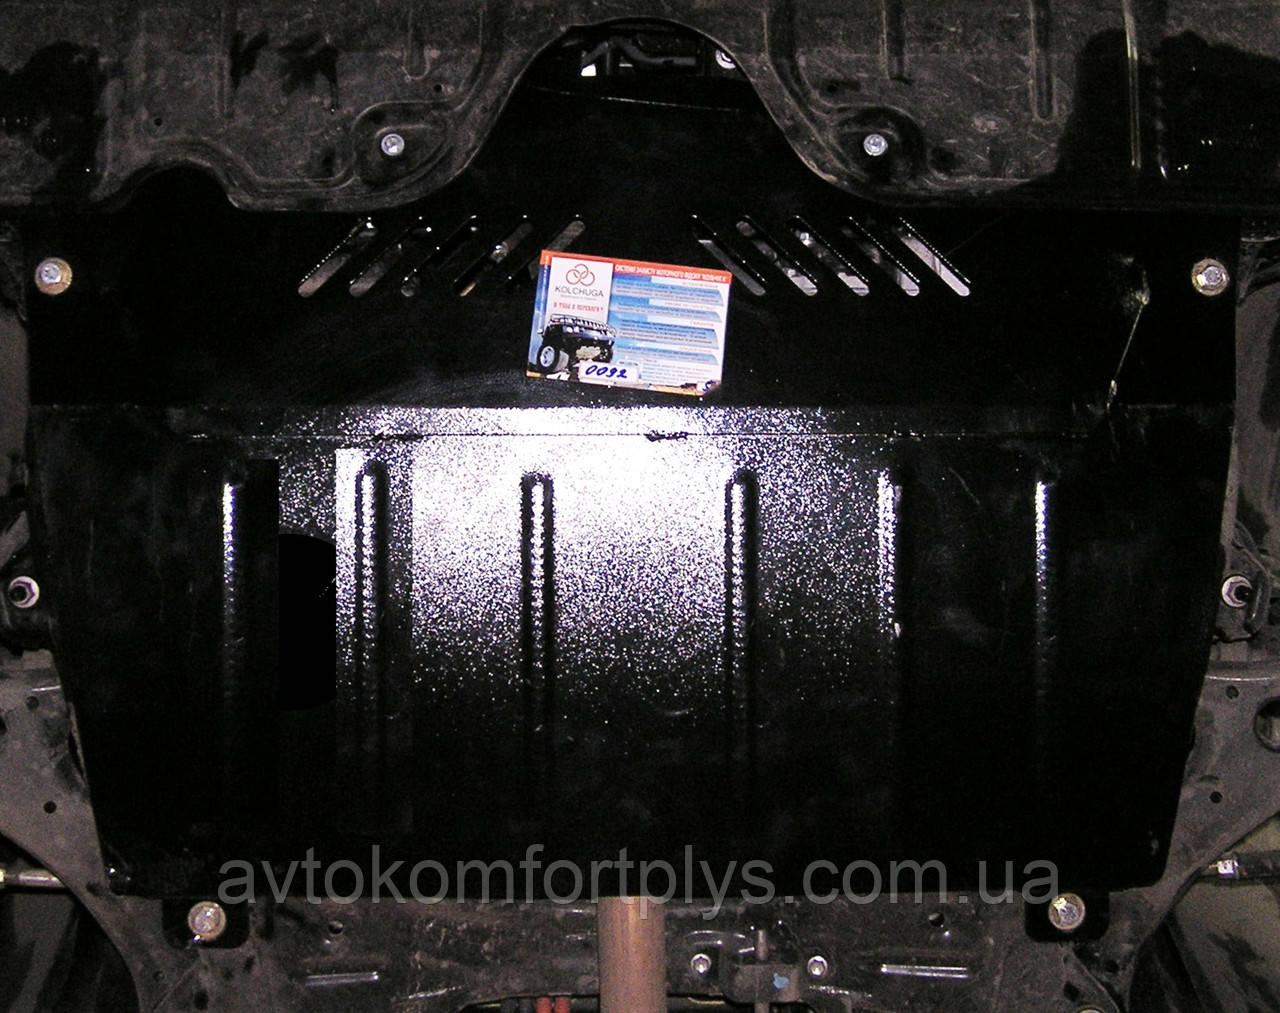 Металлическая (стальная) защита двигателя (картера) Lexus RX 350 (2006-2009) (все обьемы)